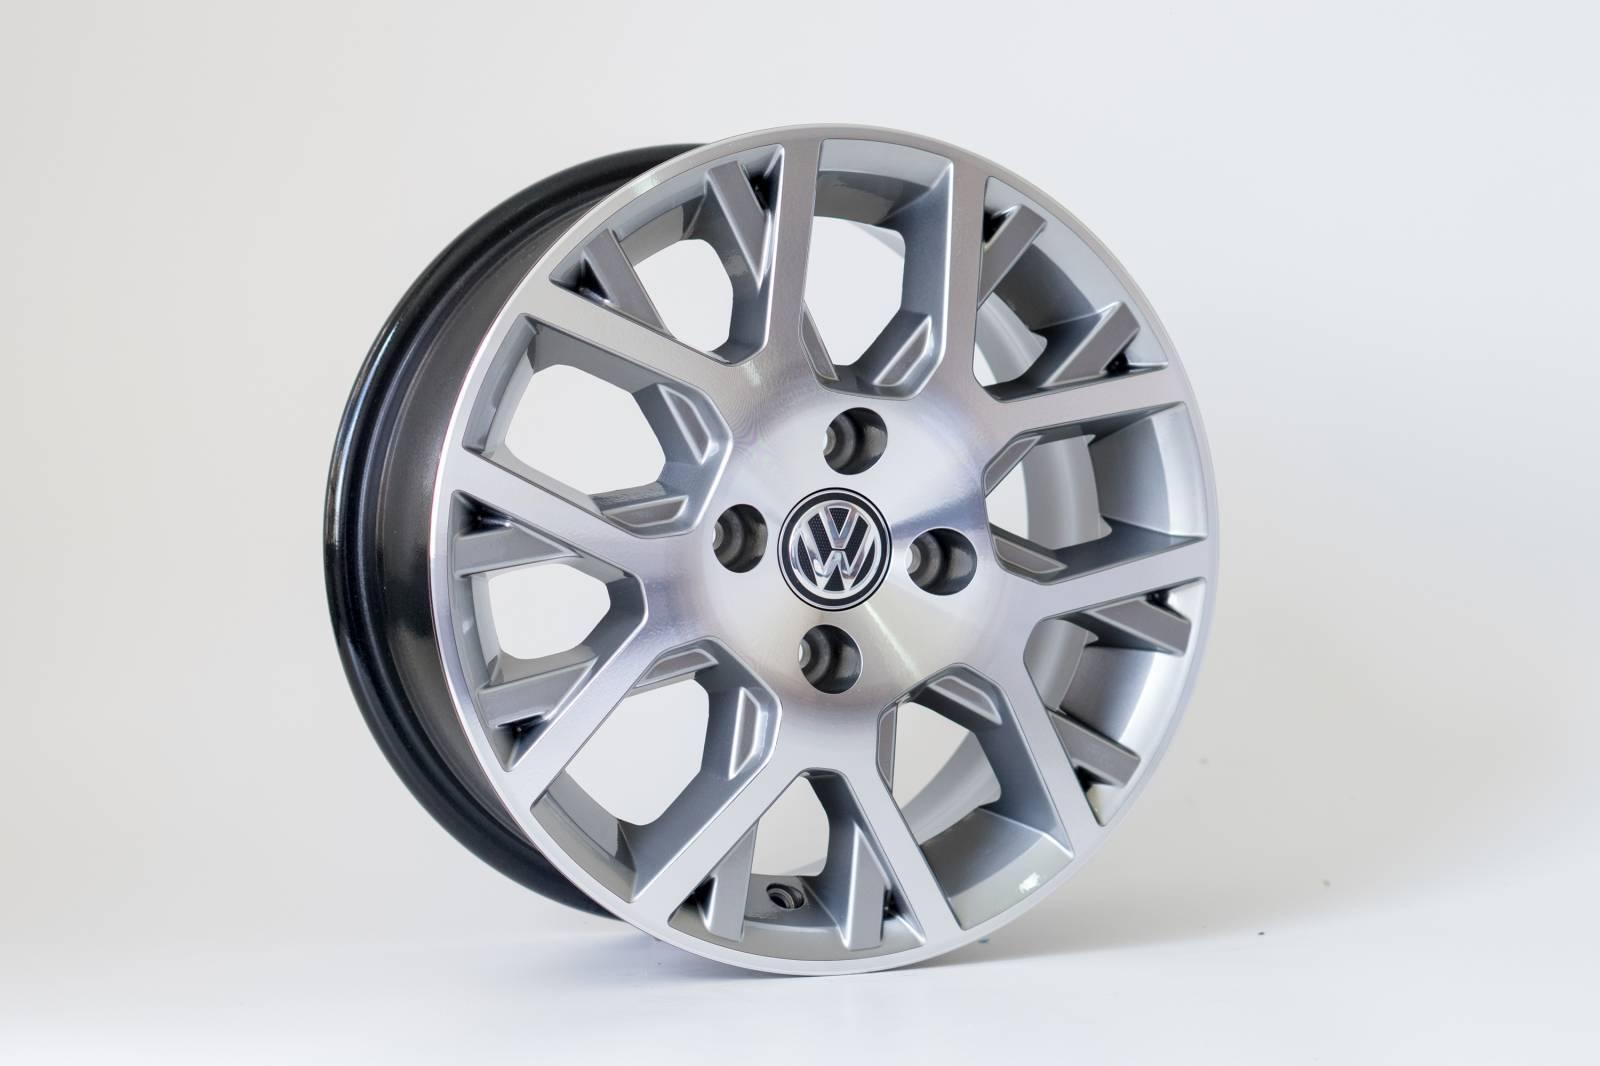 Jogo de 04 Rodas VW Saveiro Cross KR R45 aro 17 5x100 GD